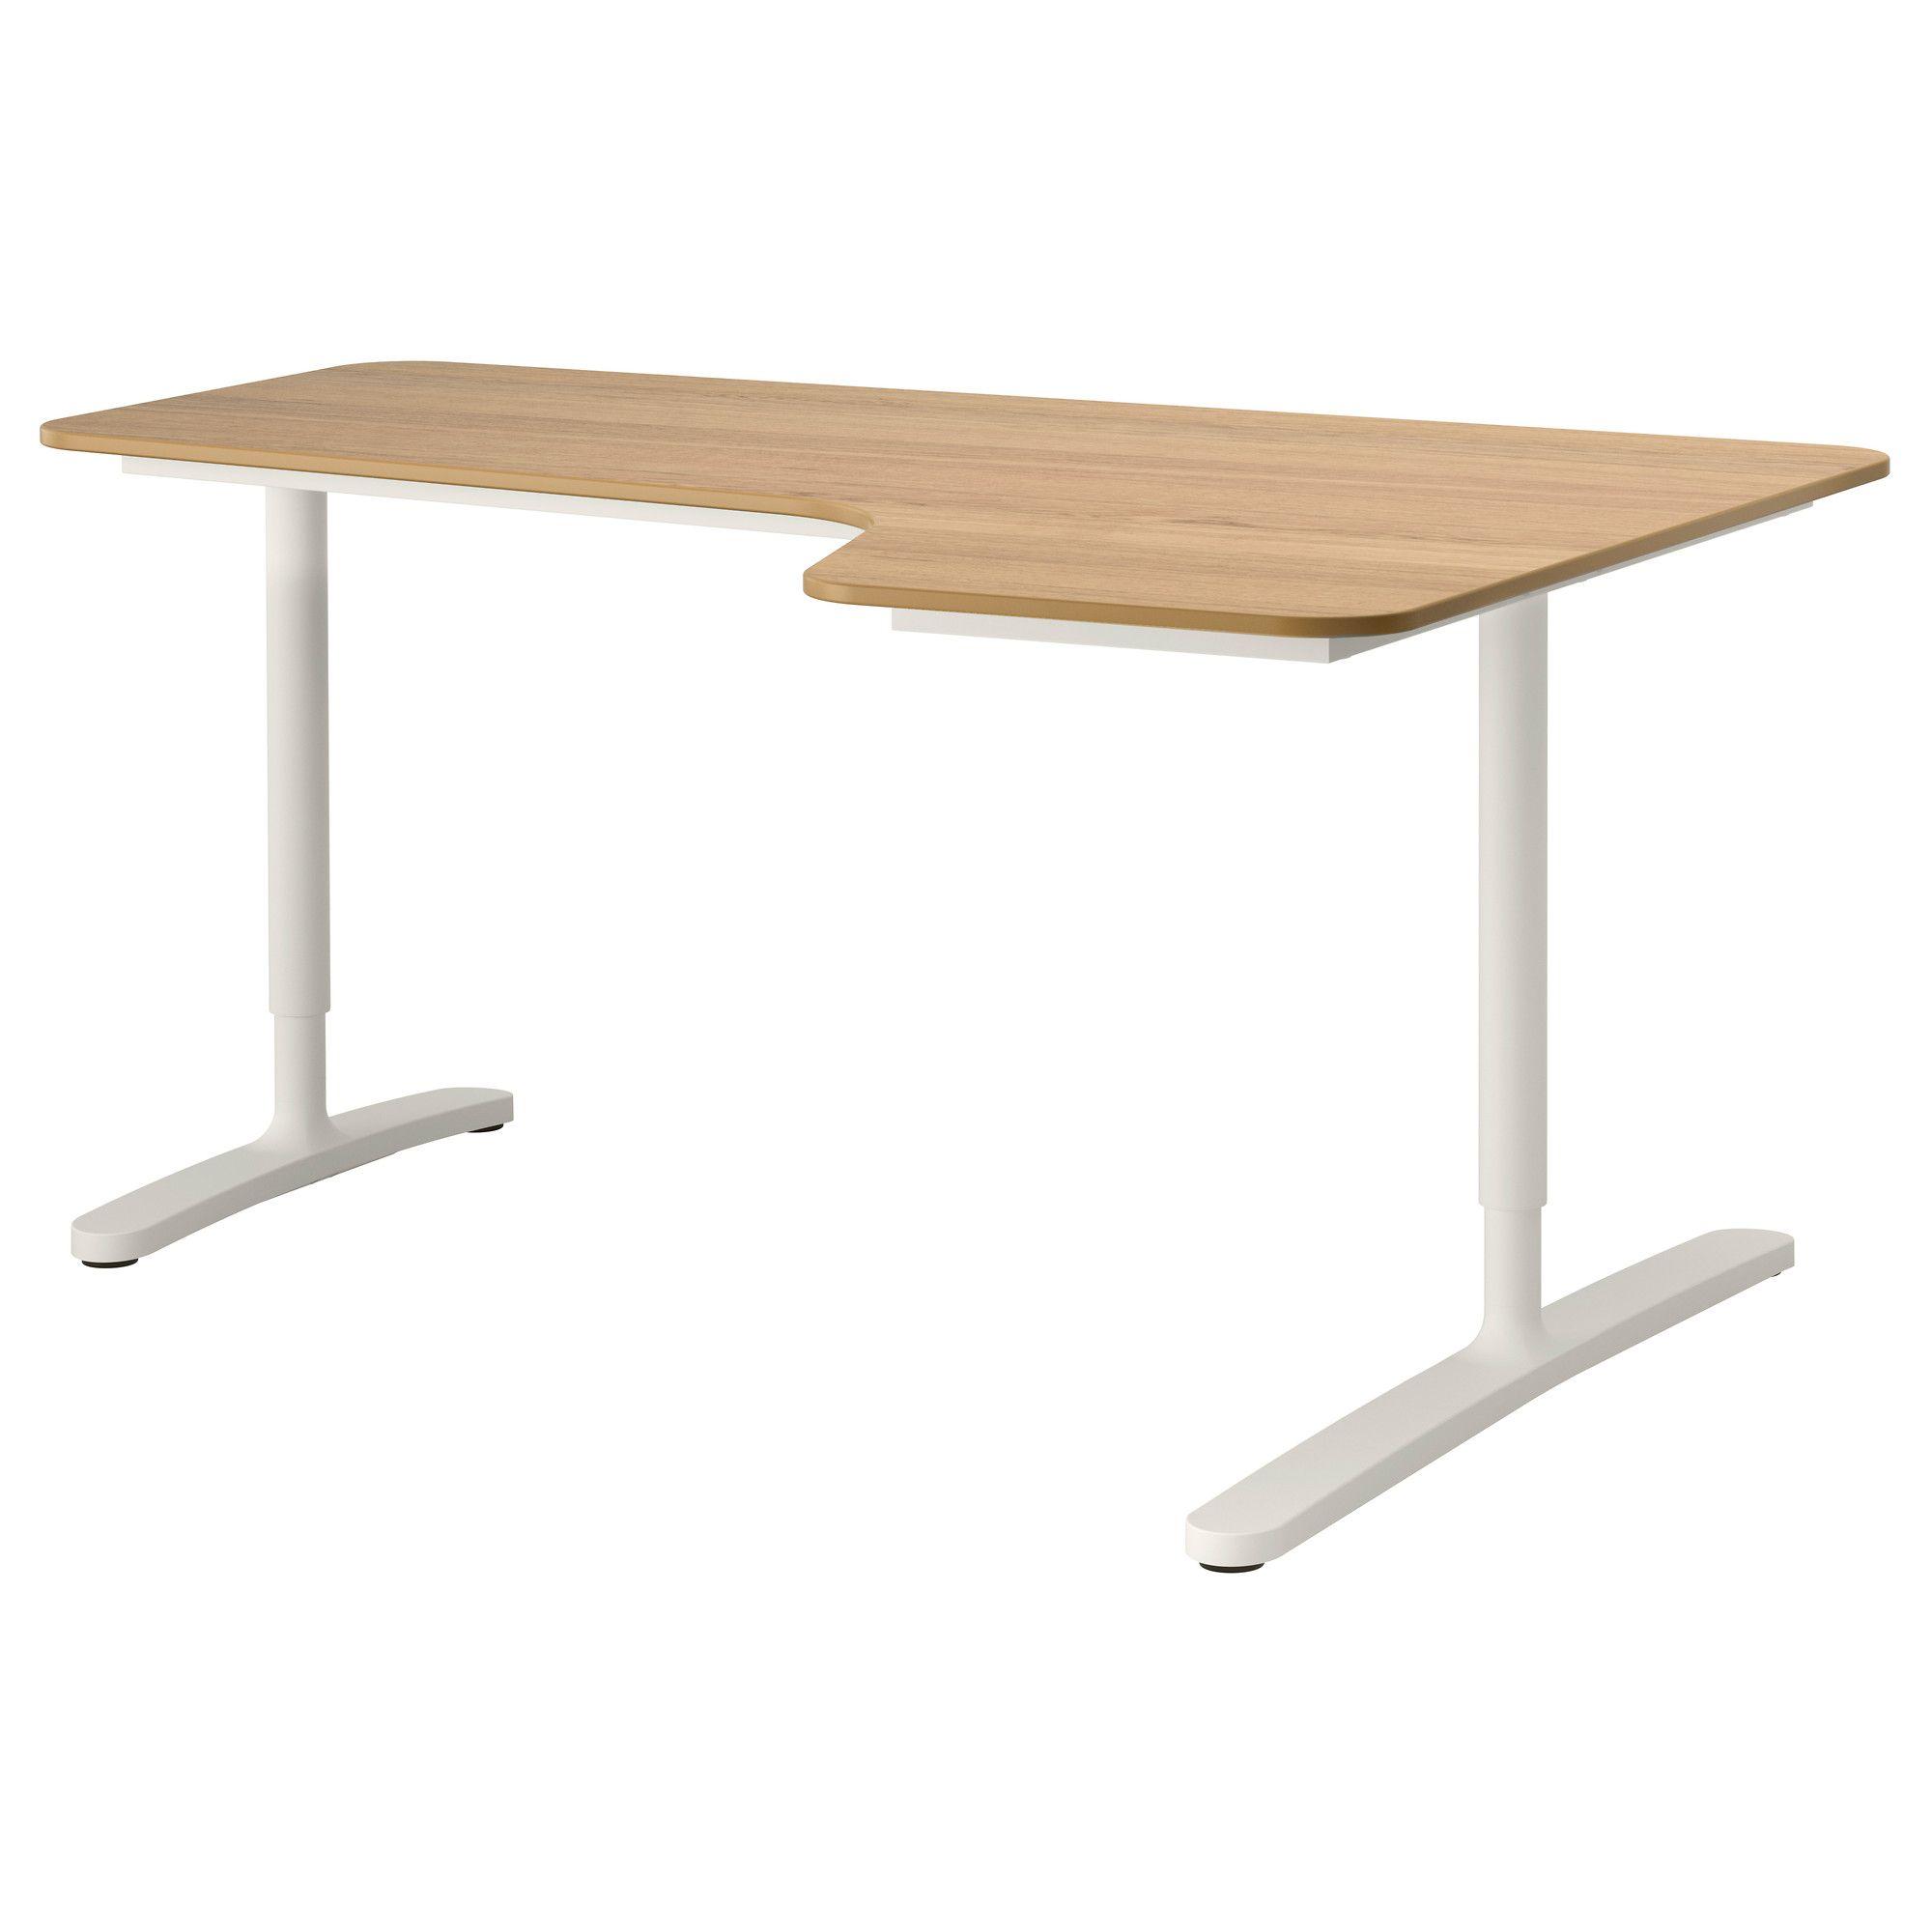 Bekant Oak Veneer White Corner Desk Right 160x110 Cm Ikea Ikea Ikea Office Table Office Table